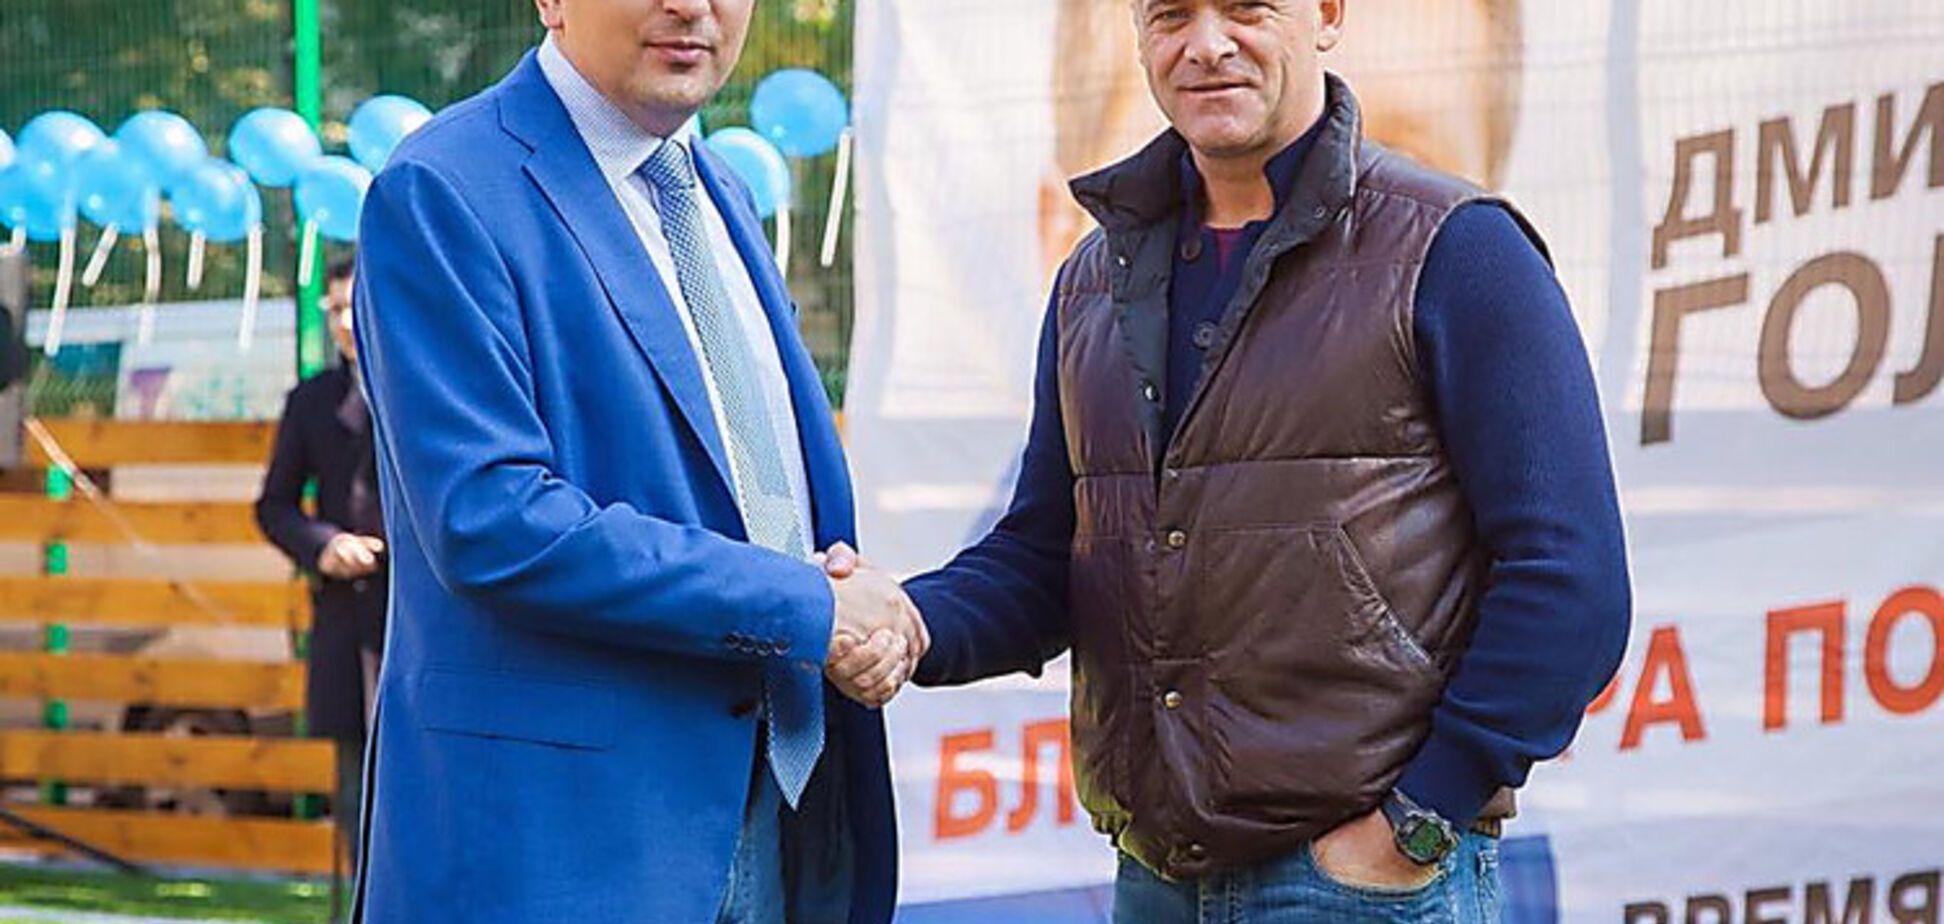 Нардеп, який взяв на поруки Труханова, задекларував біткоінів на 2 млрд